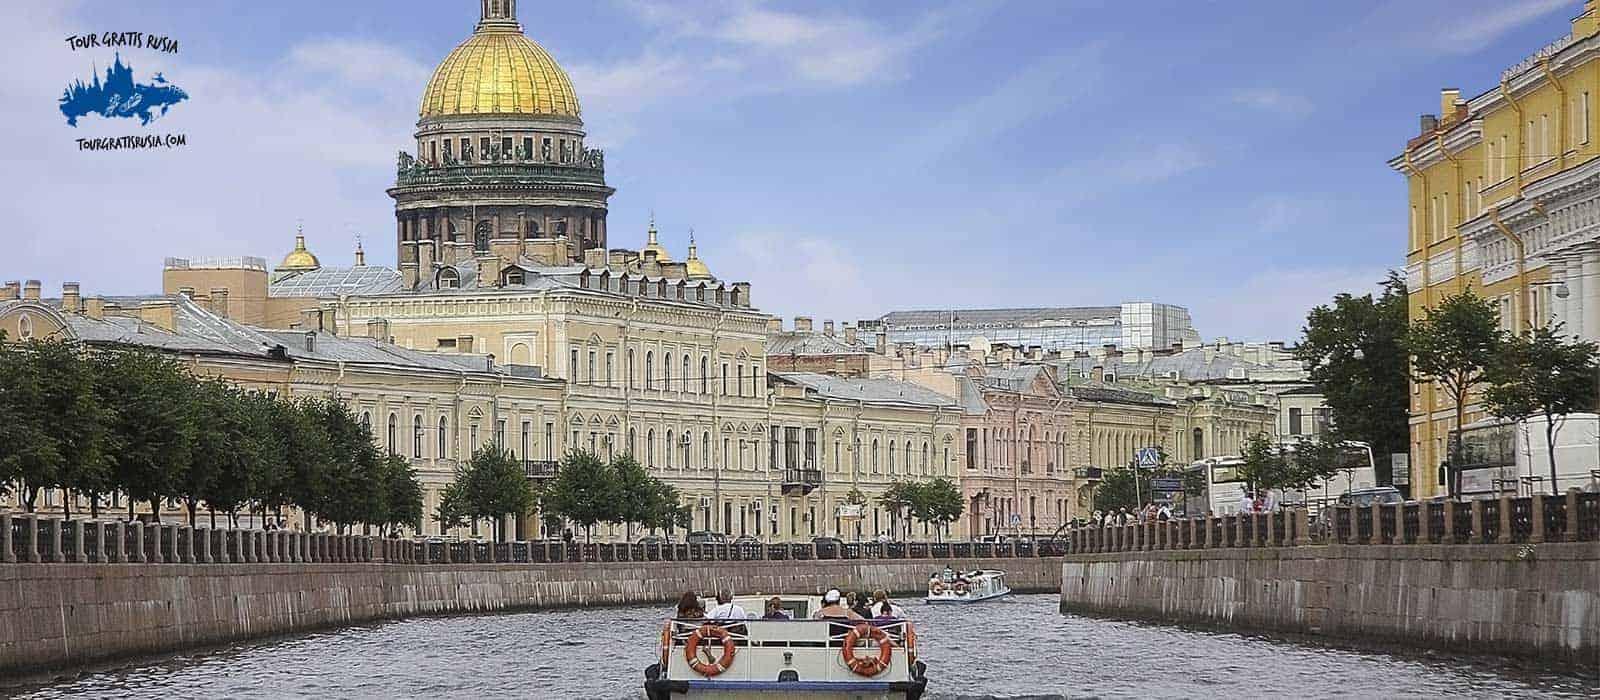 Tour paquete corto centro-gratis y Metro en San Petersburgo